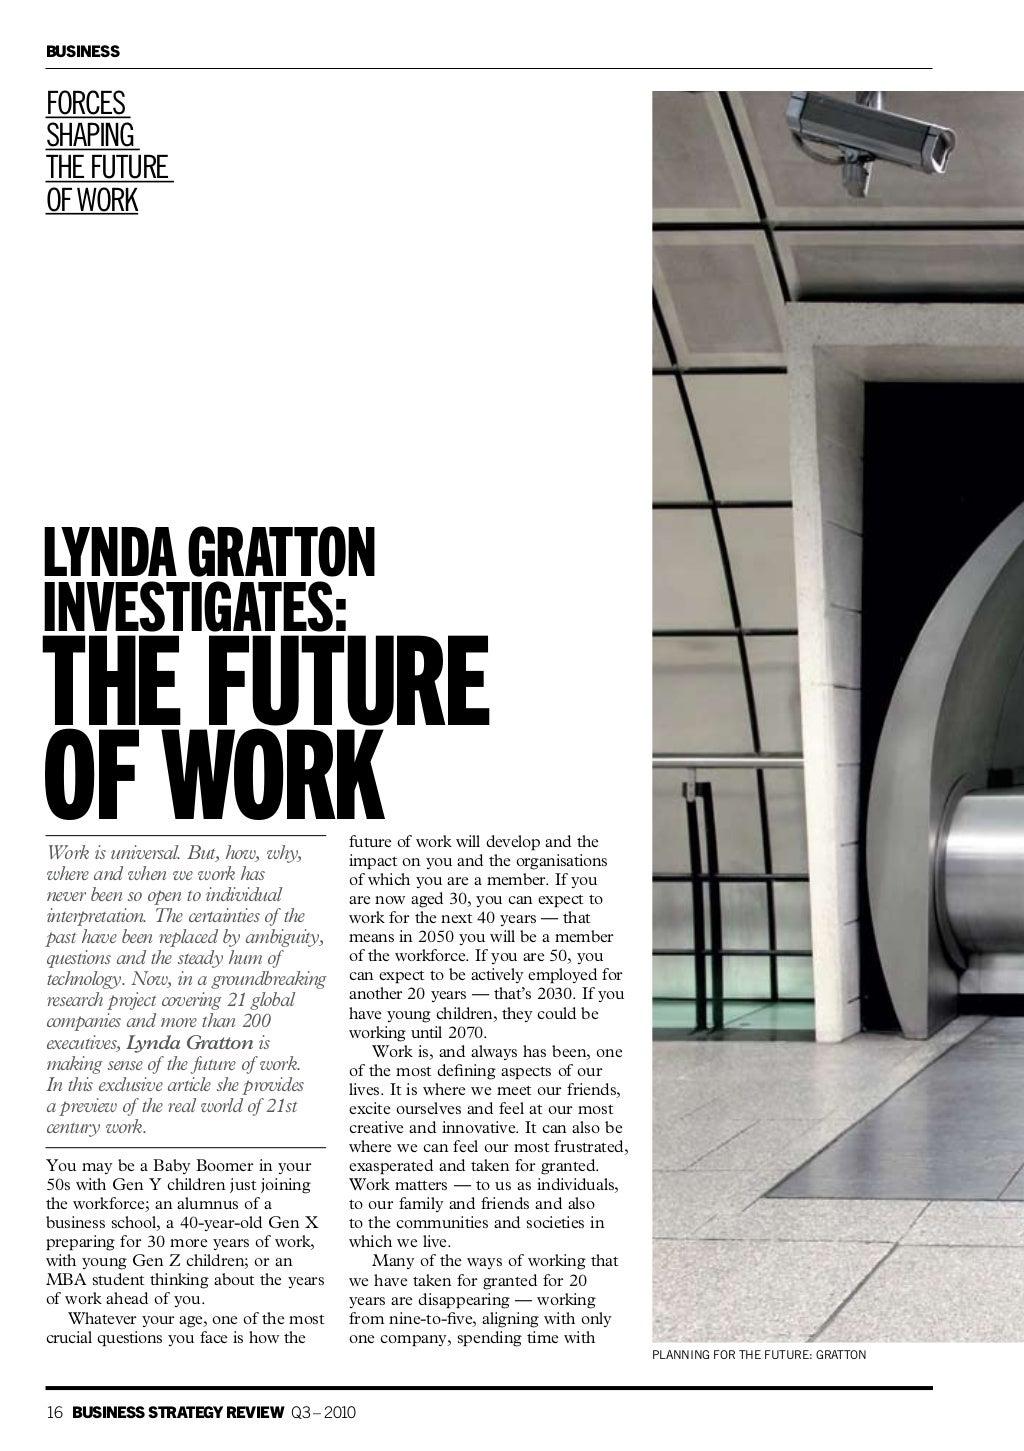 Lynda Gratton investigates the future of work